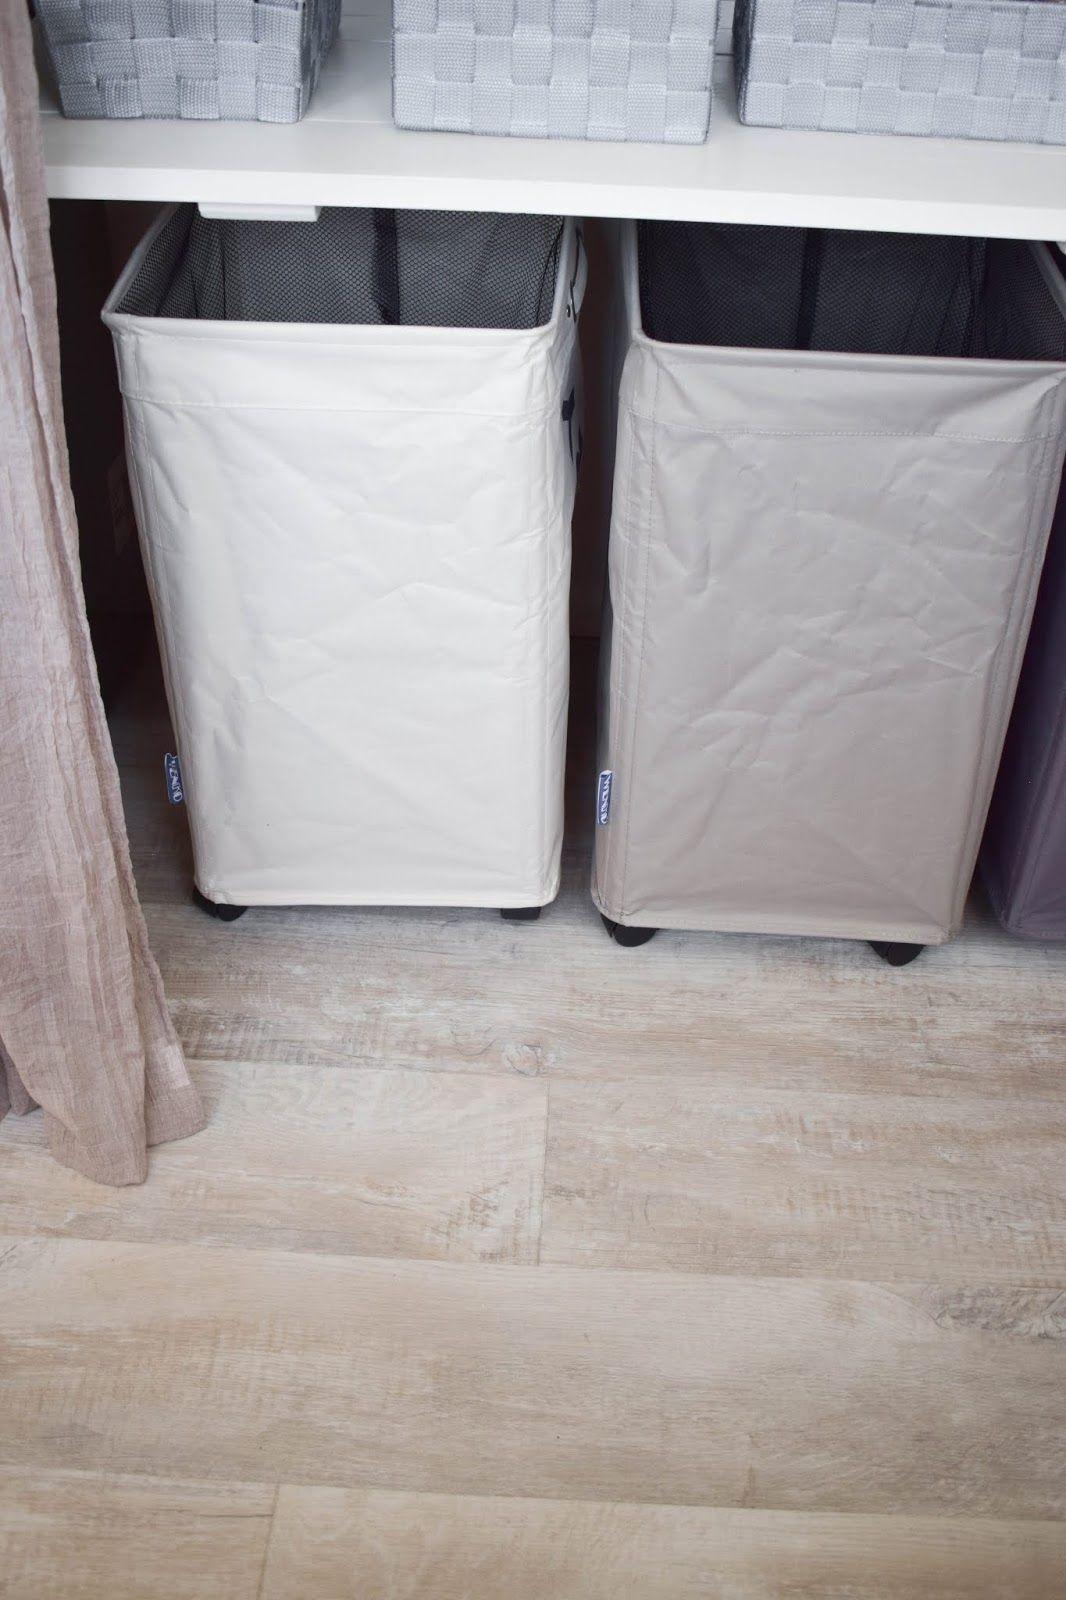 Idee Für Abfallsammler Mit Wenko Recycling Abfalleimer Mülleimer Müll Trennen Praktisch Kueche Organisieren Schran Regal Küche Diy Regal Mülltrennung Küche